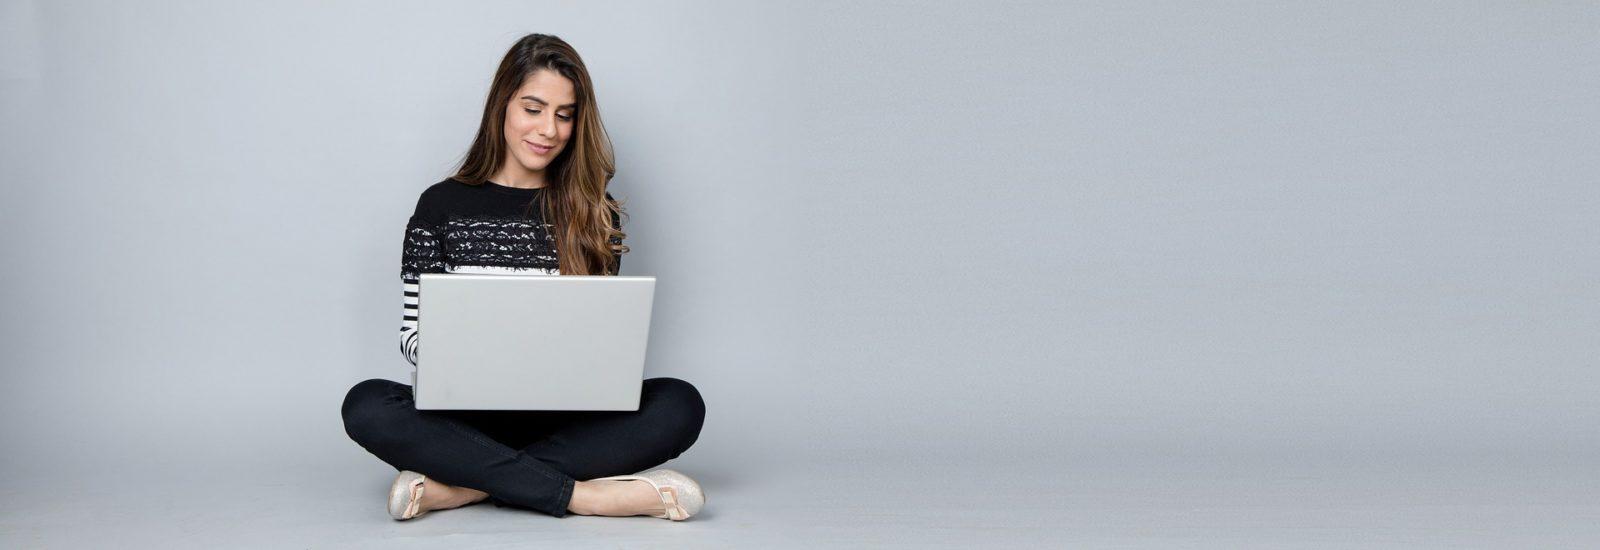 Blogunuzun Tasarımını ve Marka Algısı